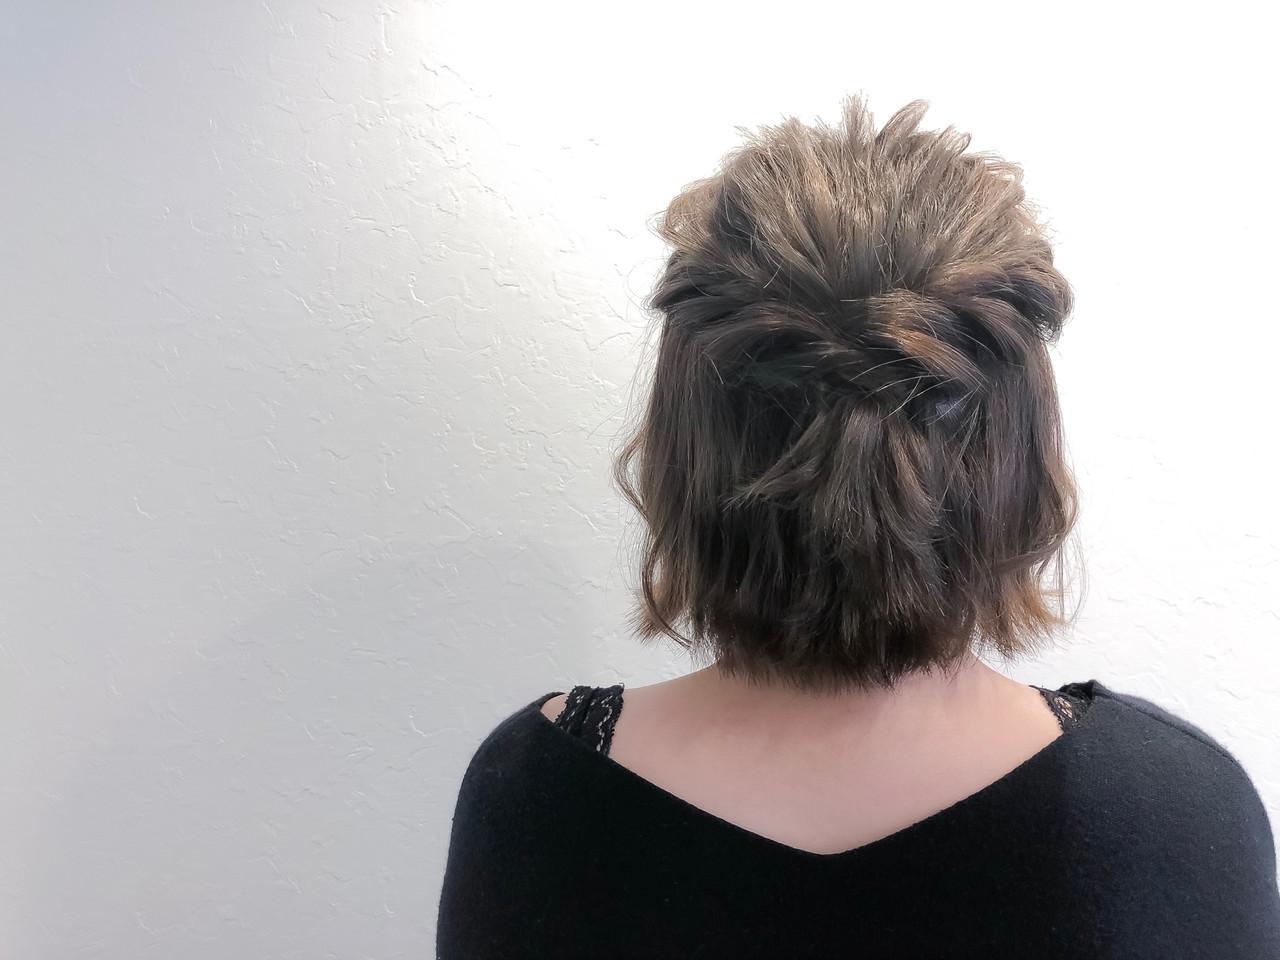 トリートメント 簡単ヘアアレンジ フェミニン ヘアカラー ヘアスタイルや髪型の写真・画像